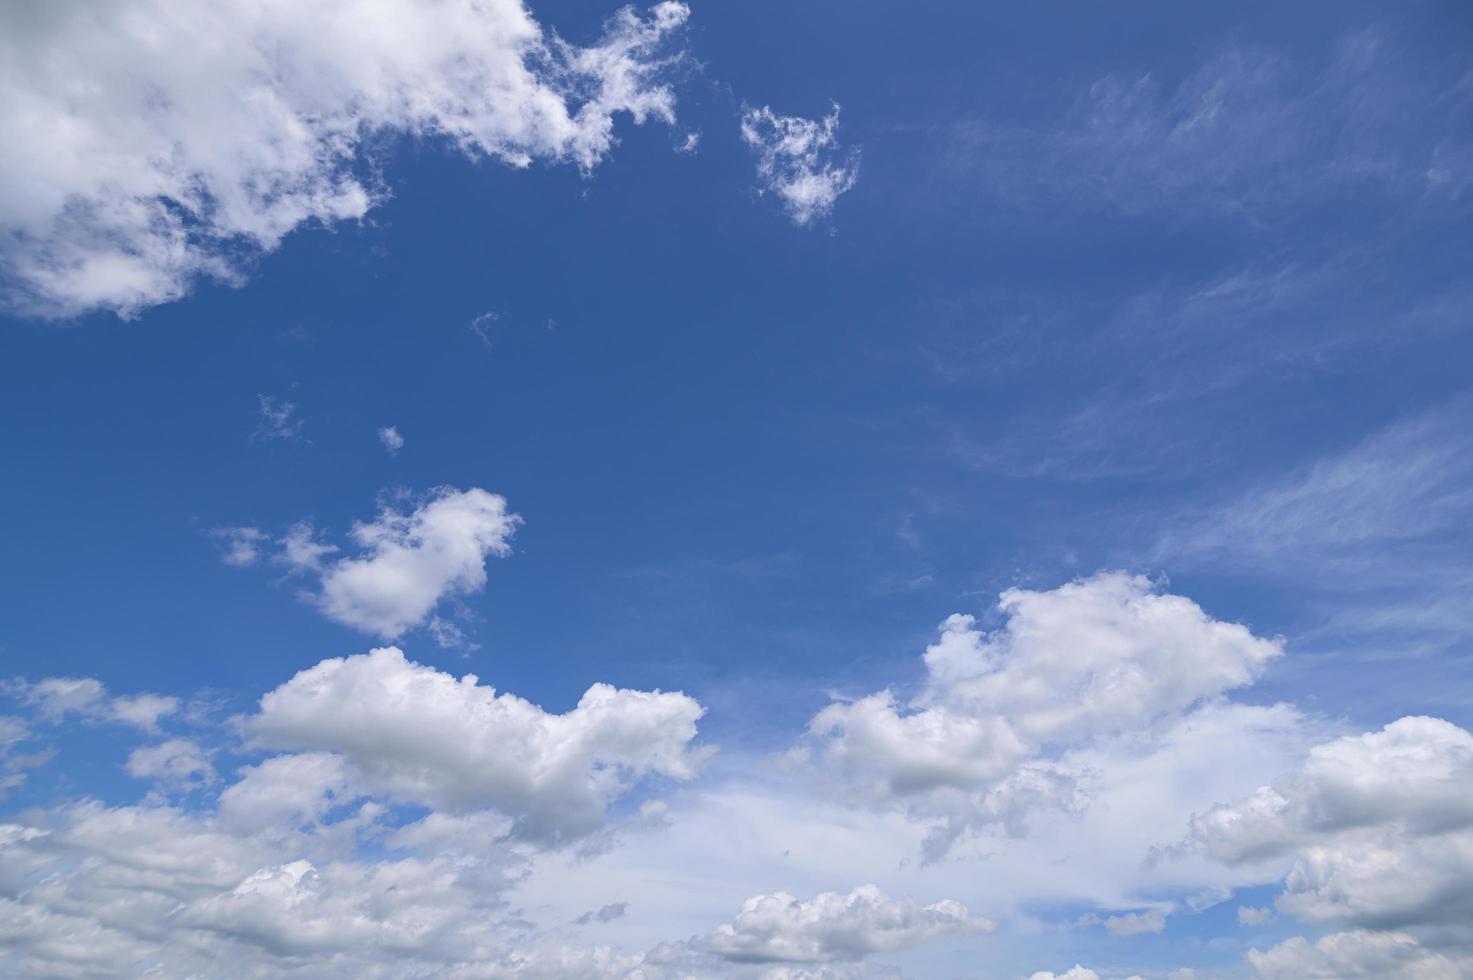 cielo diurno e nuvole bianche foto